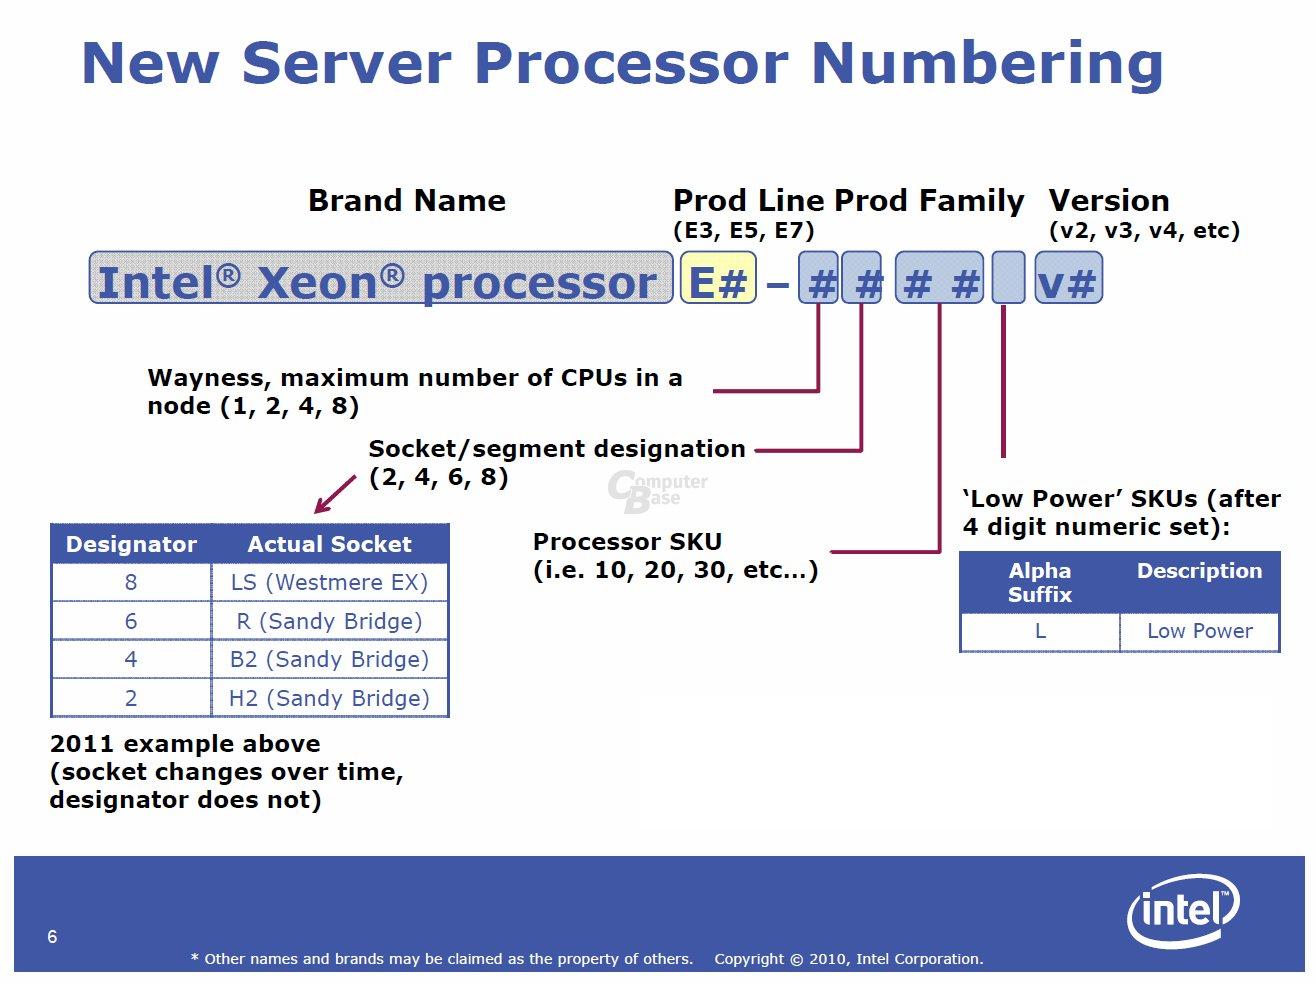 Namensschema der Server-CPUs zeigt neue Sockel